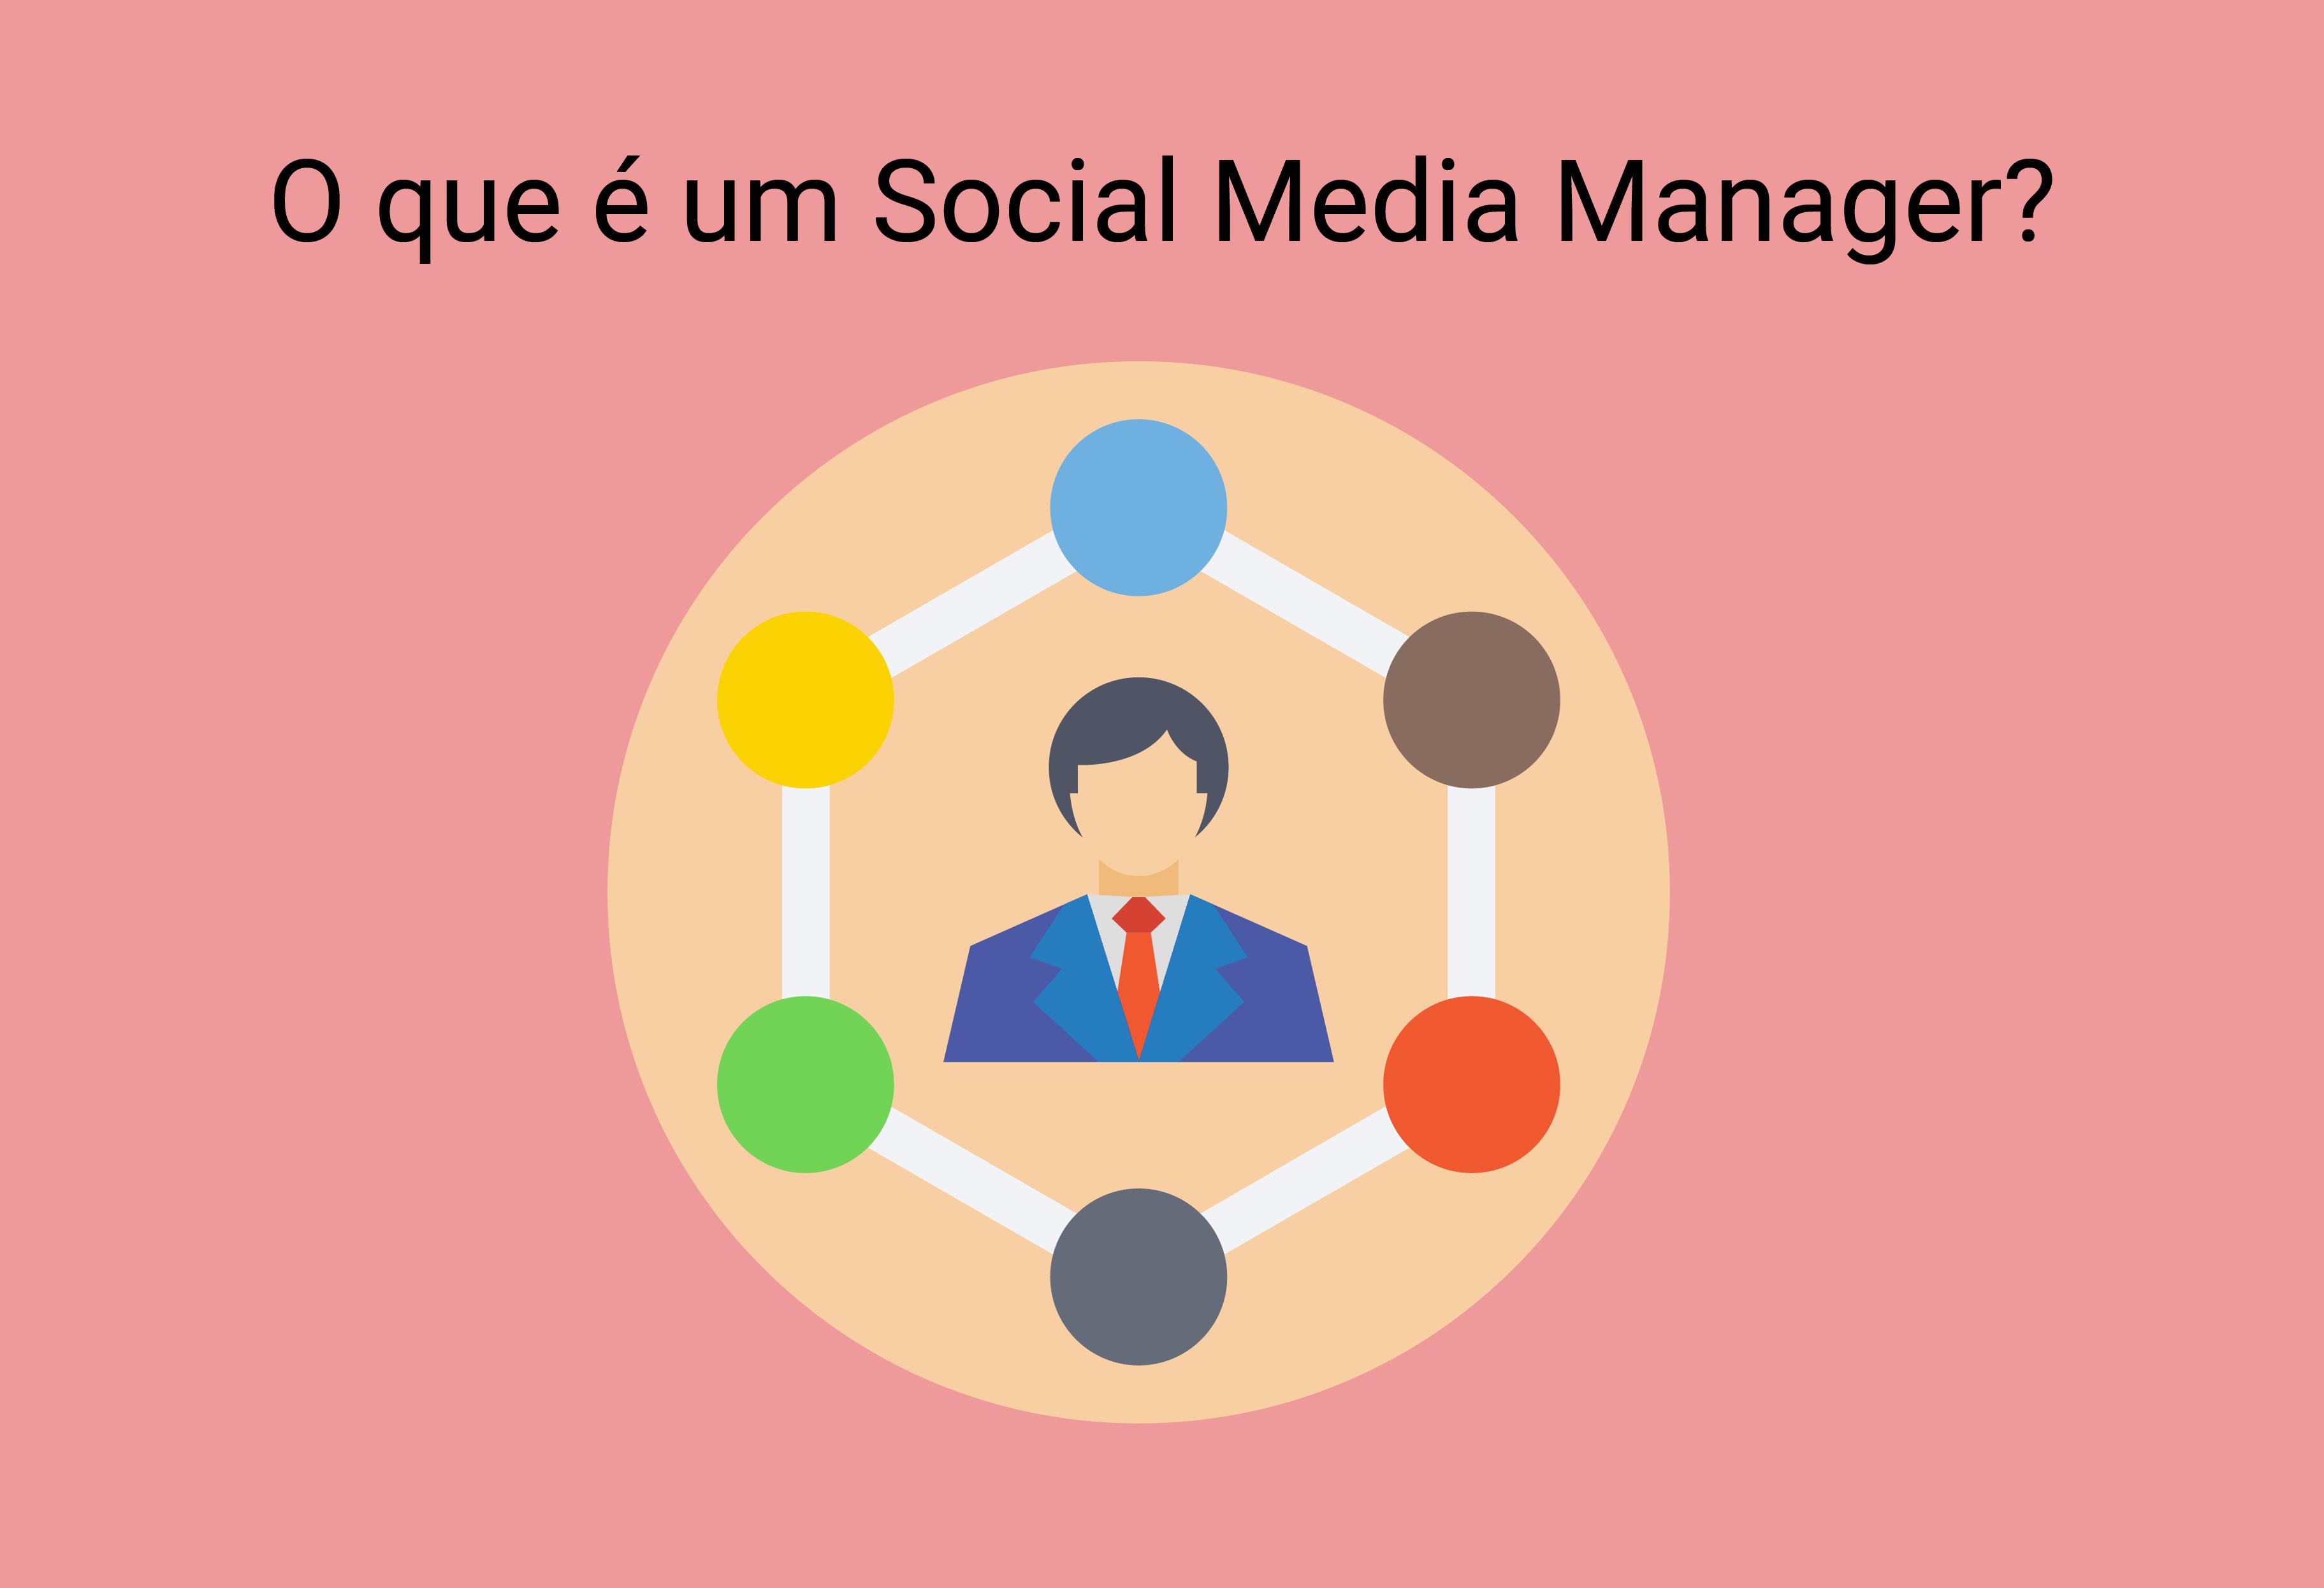 Resultado de imagem para o que social media manager